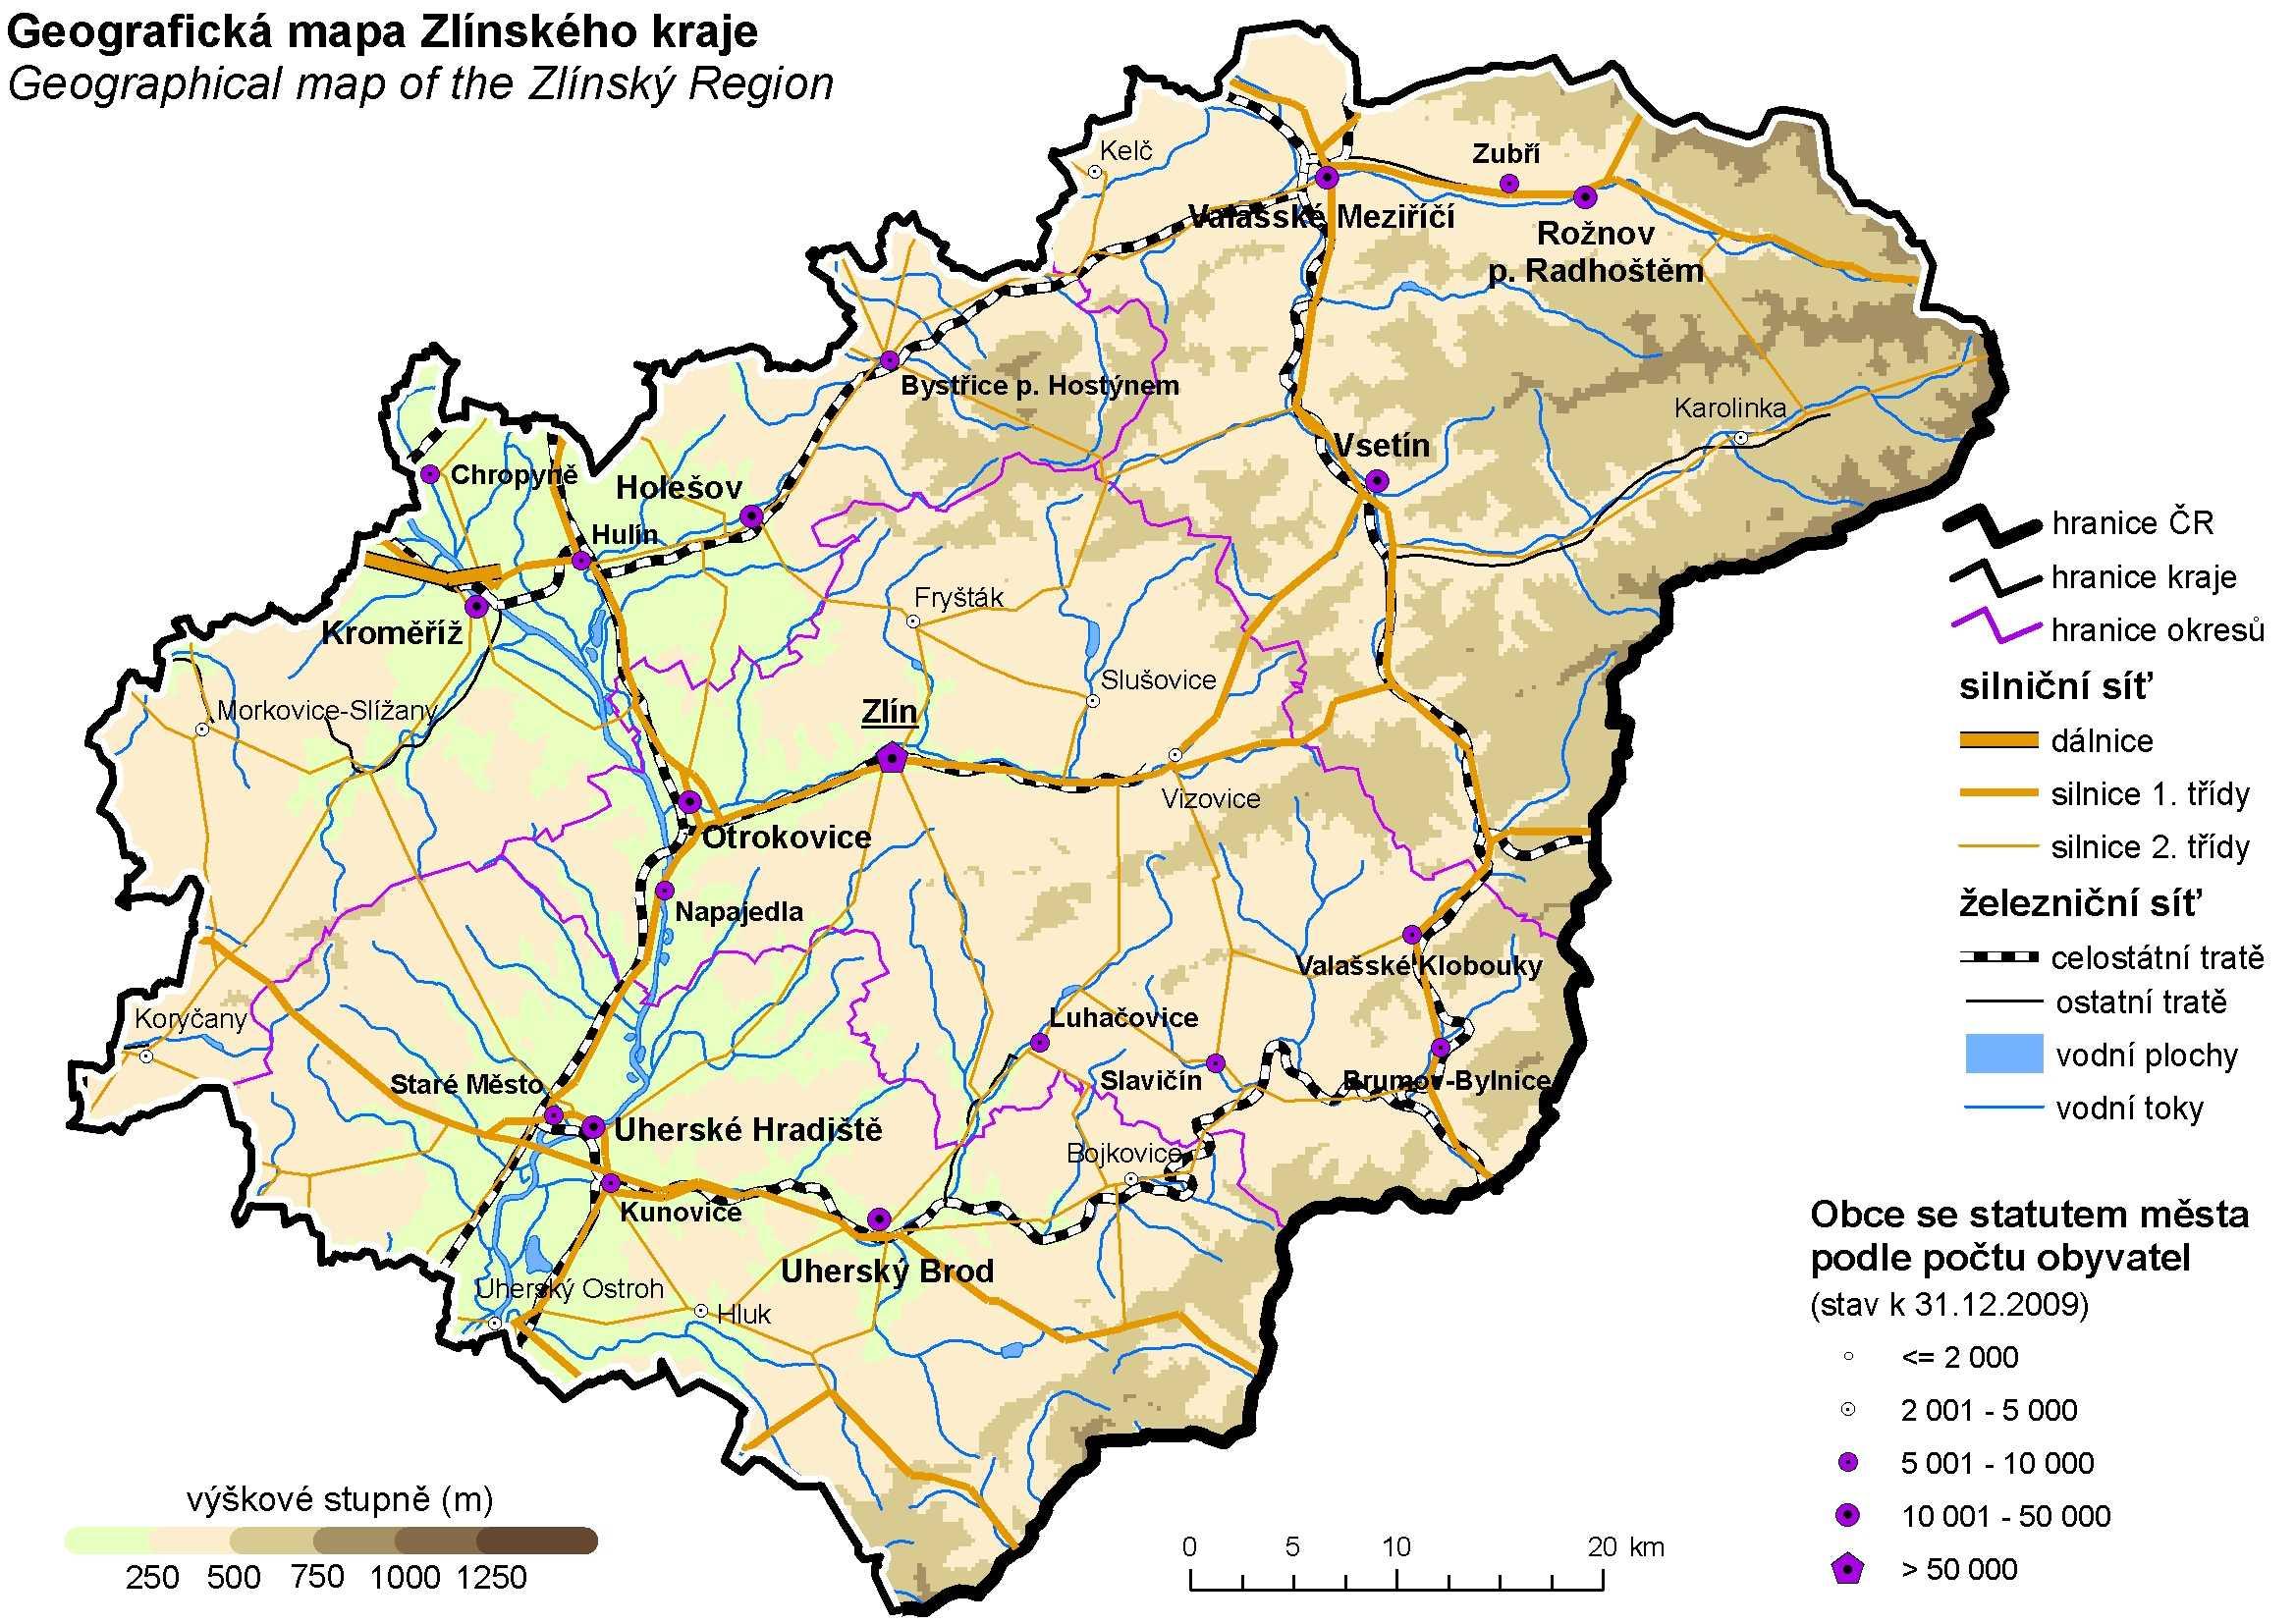 c2520ec3cf1 Geografická mapa Zlínského kraje ...